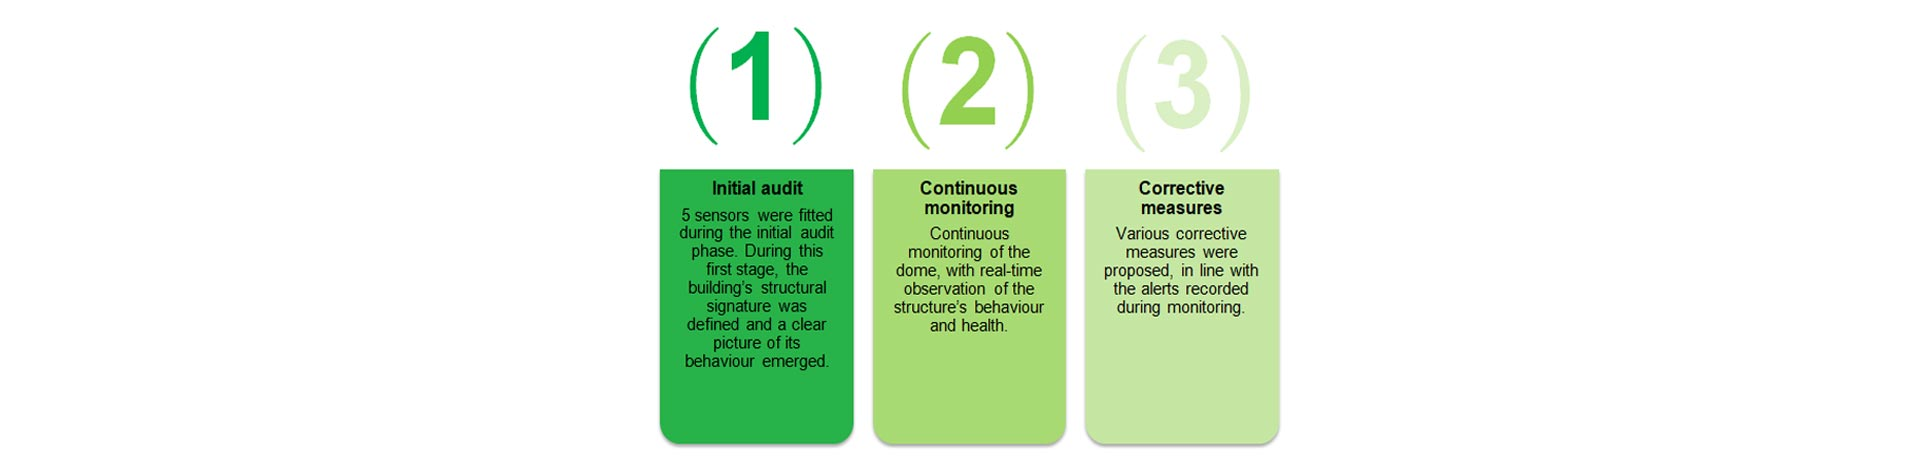 Apstructure monitoring scheme